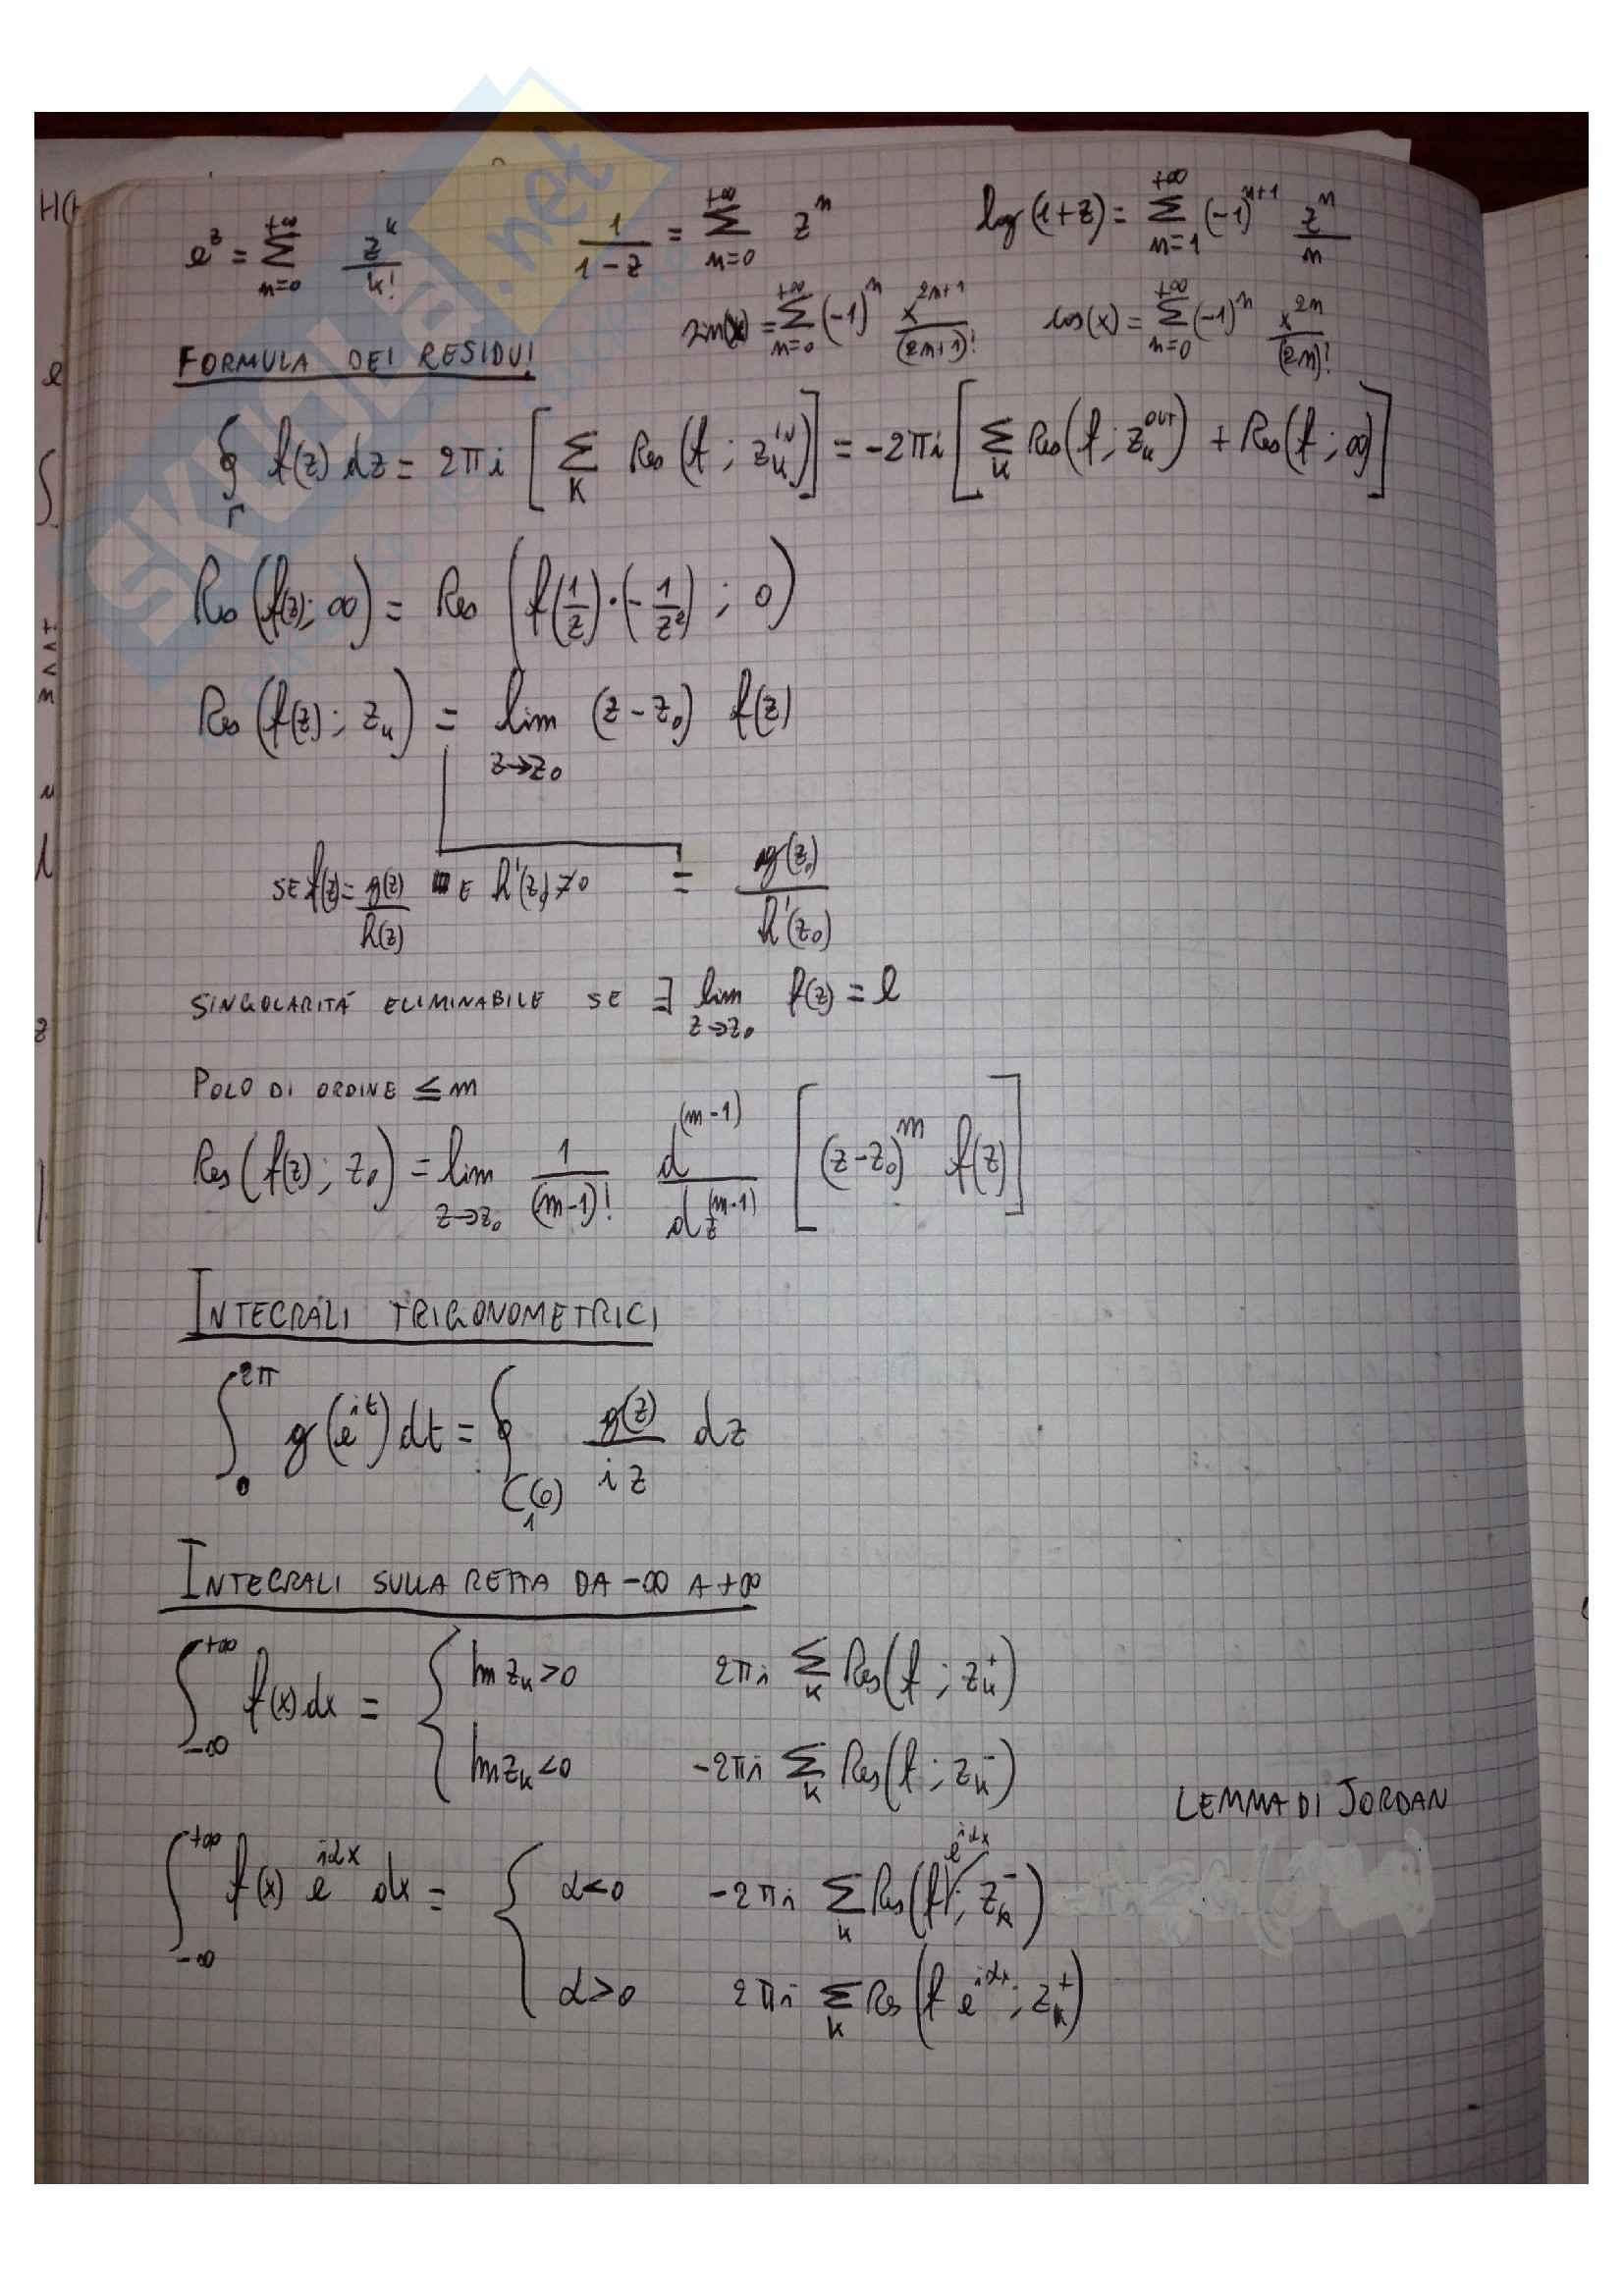 Metodi matematici per l'ingegneria - Formulario Pag. 2